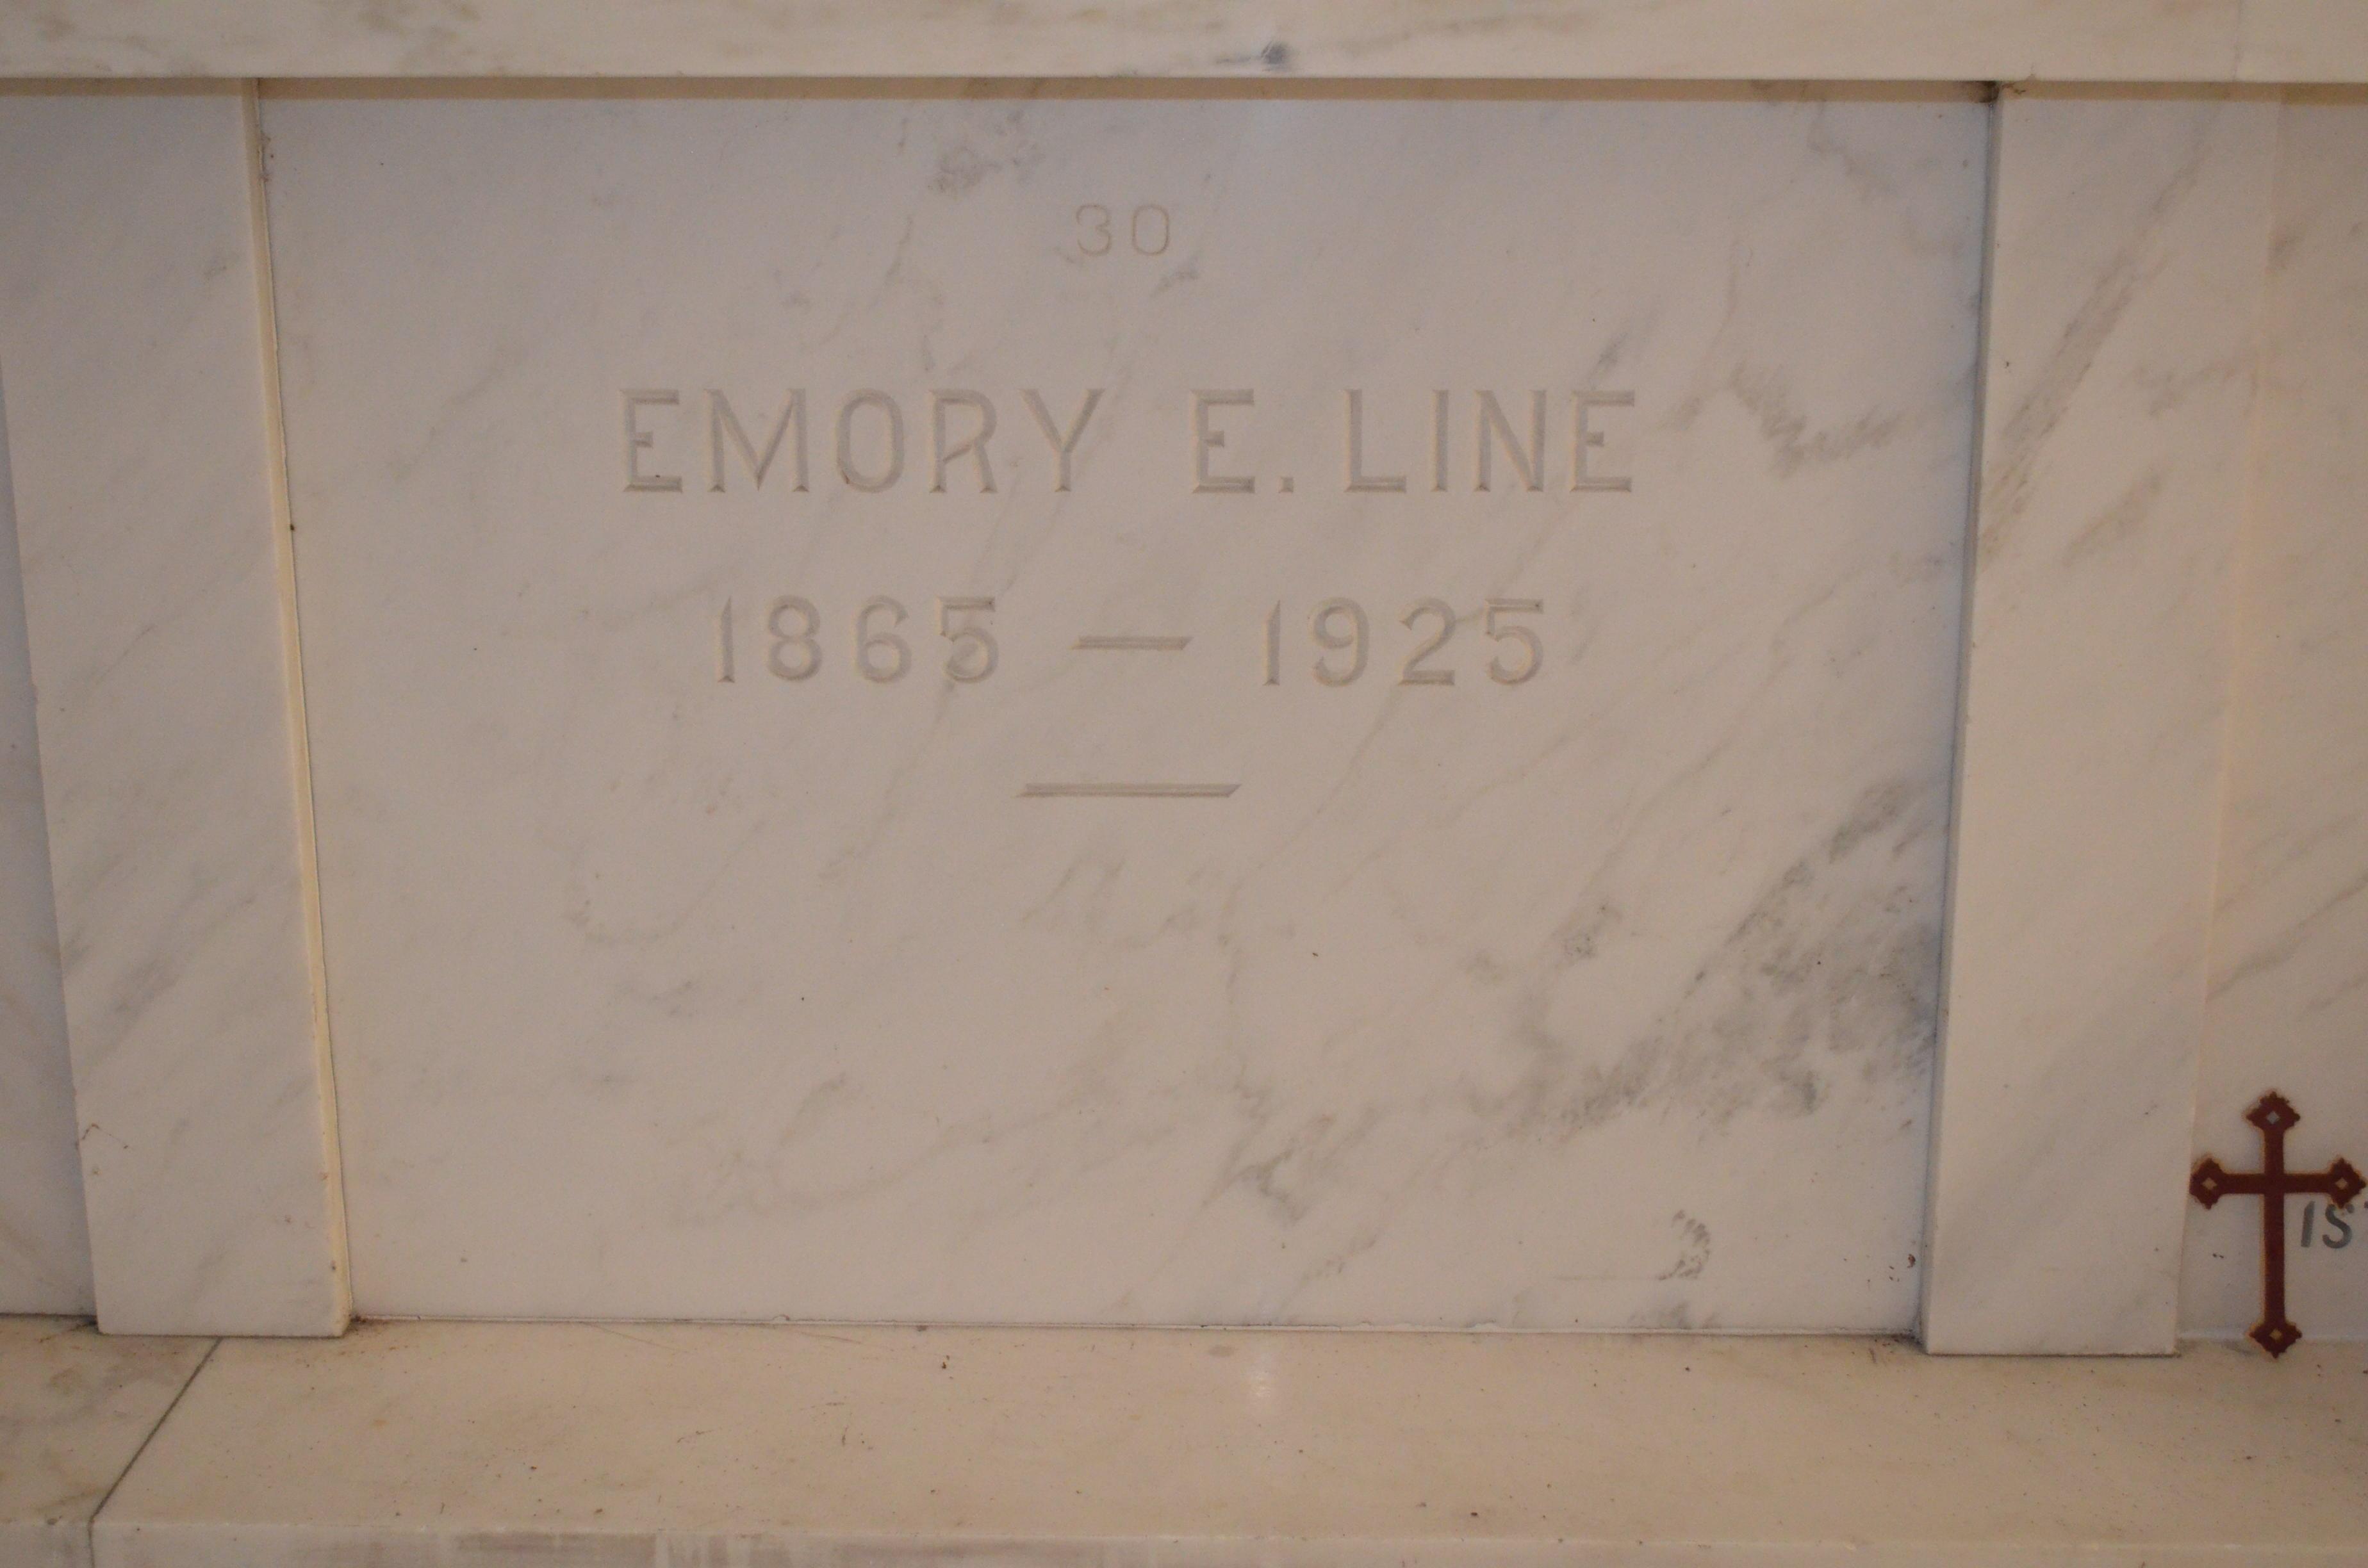 Emory E Line